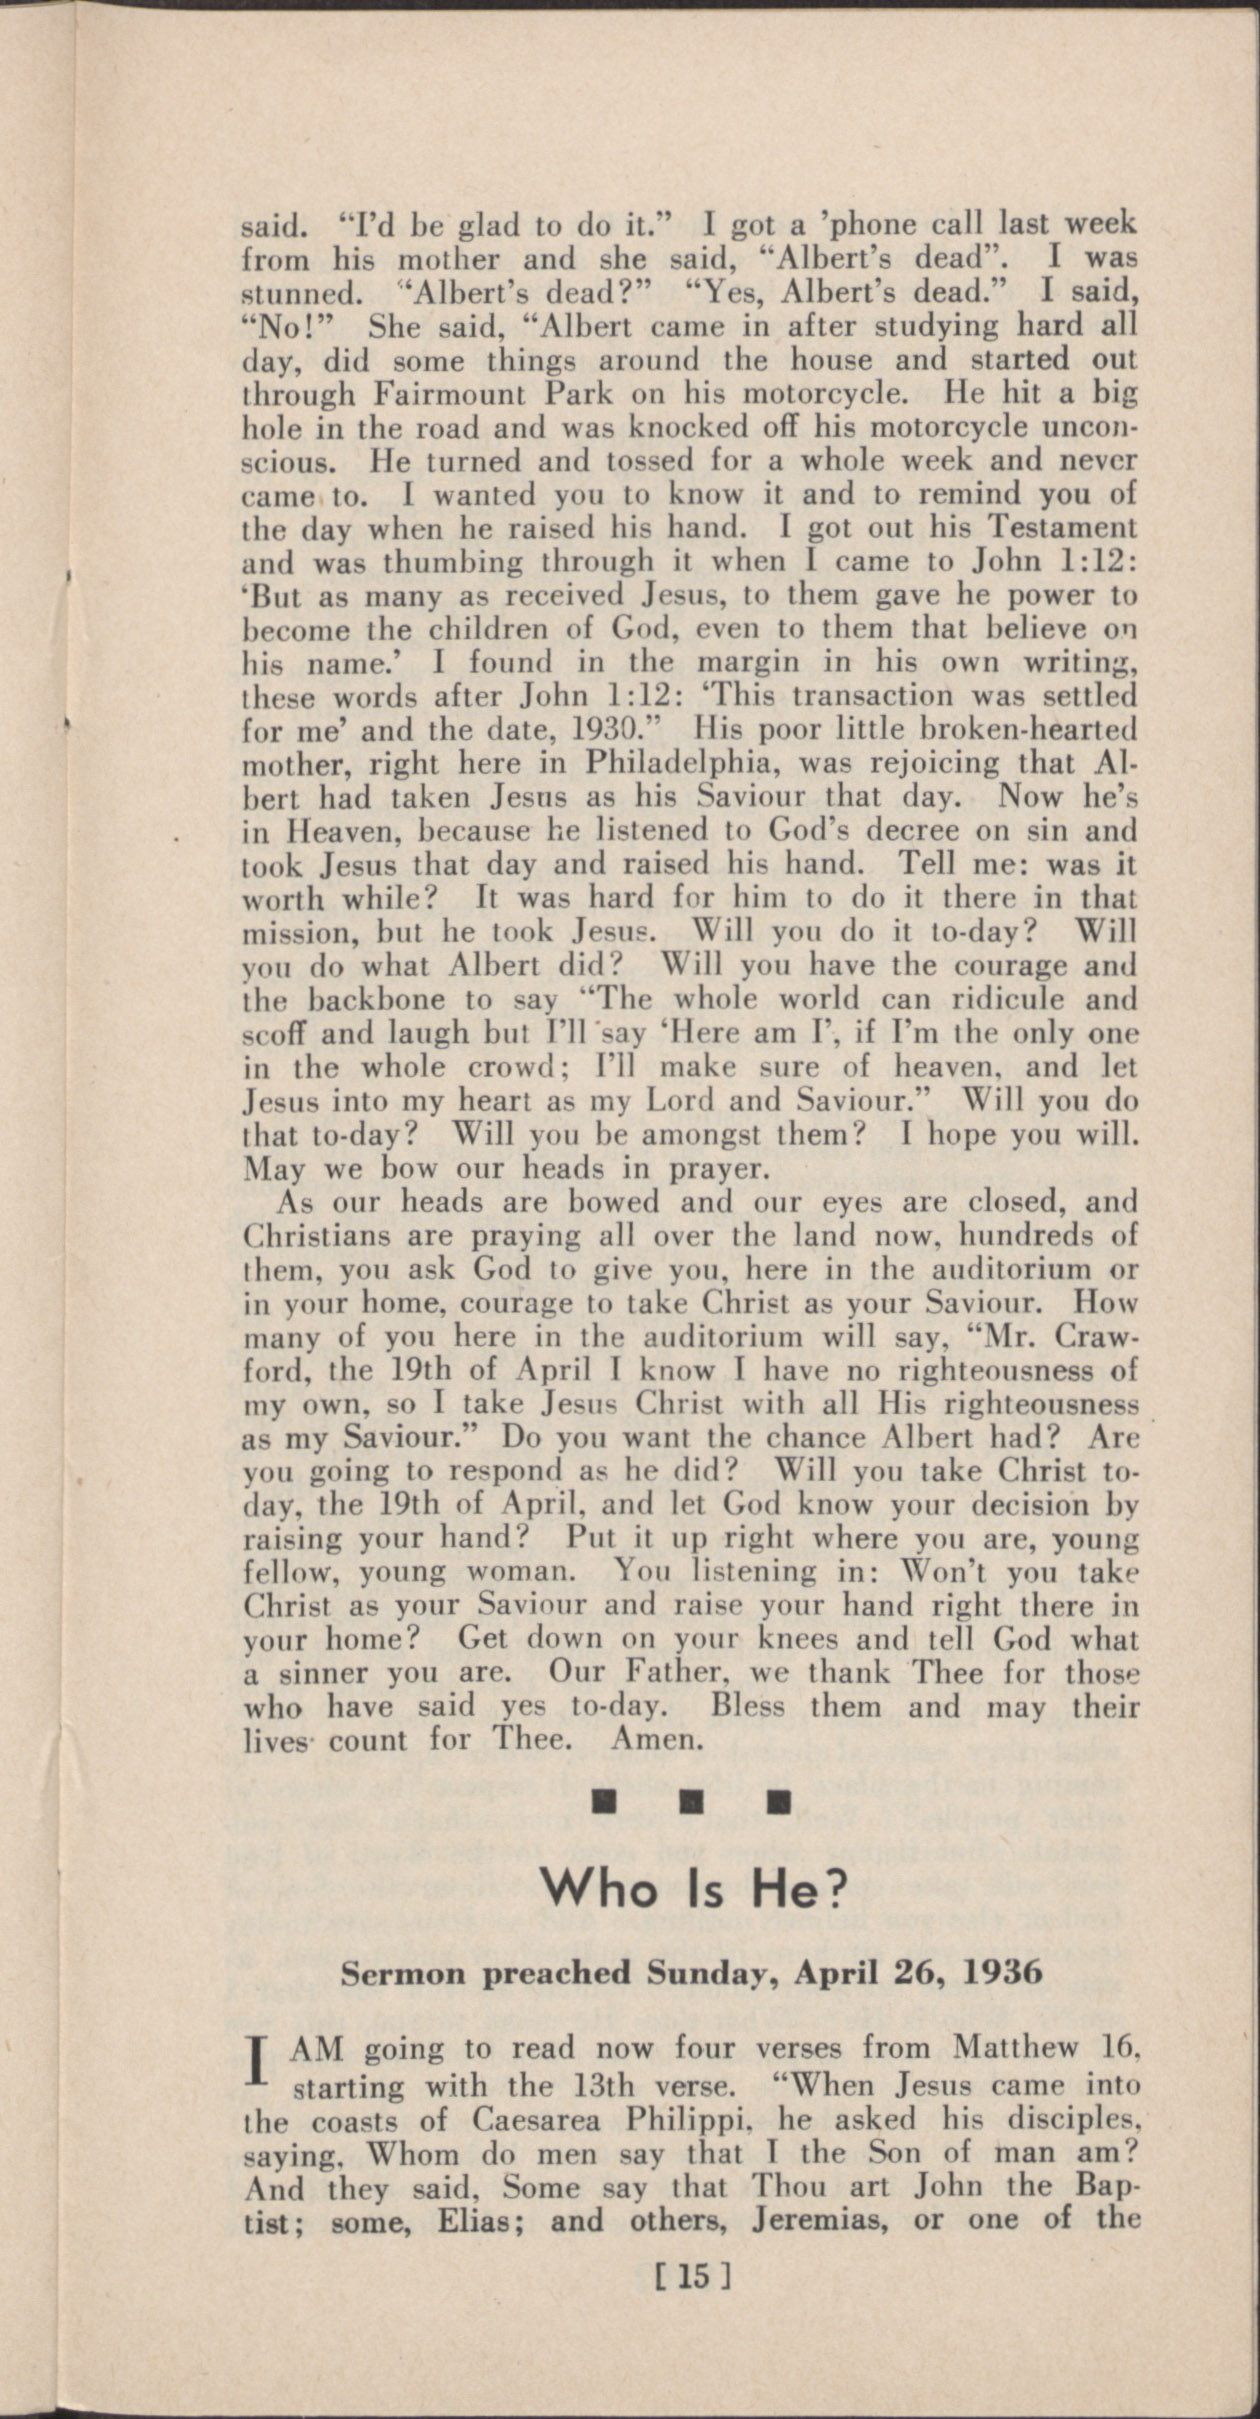 sermons193604-(15)